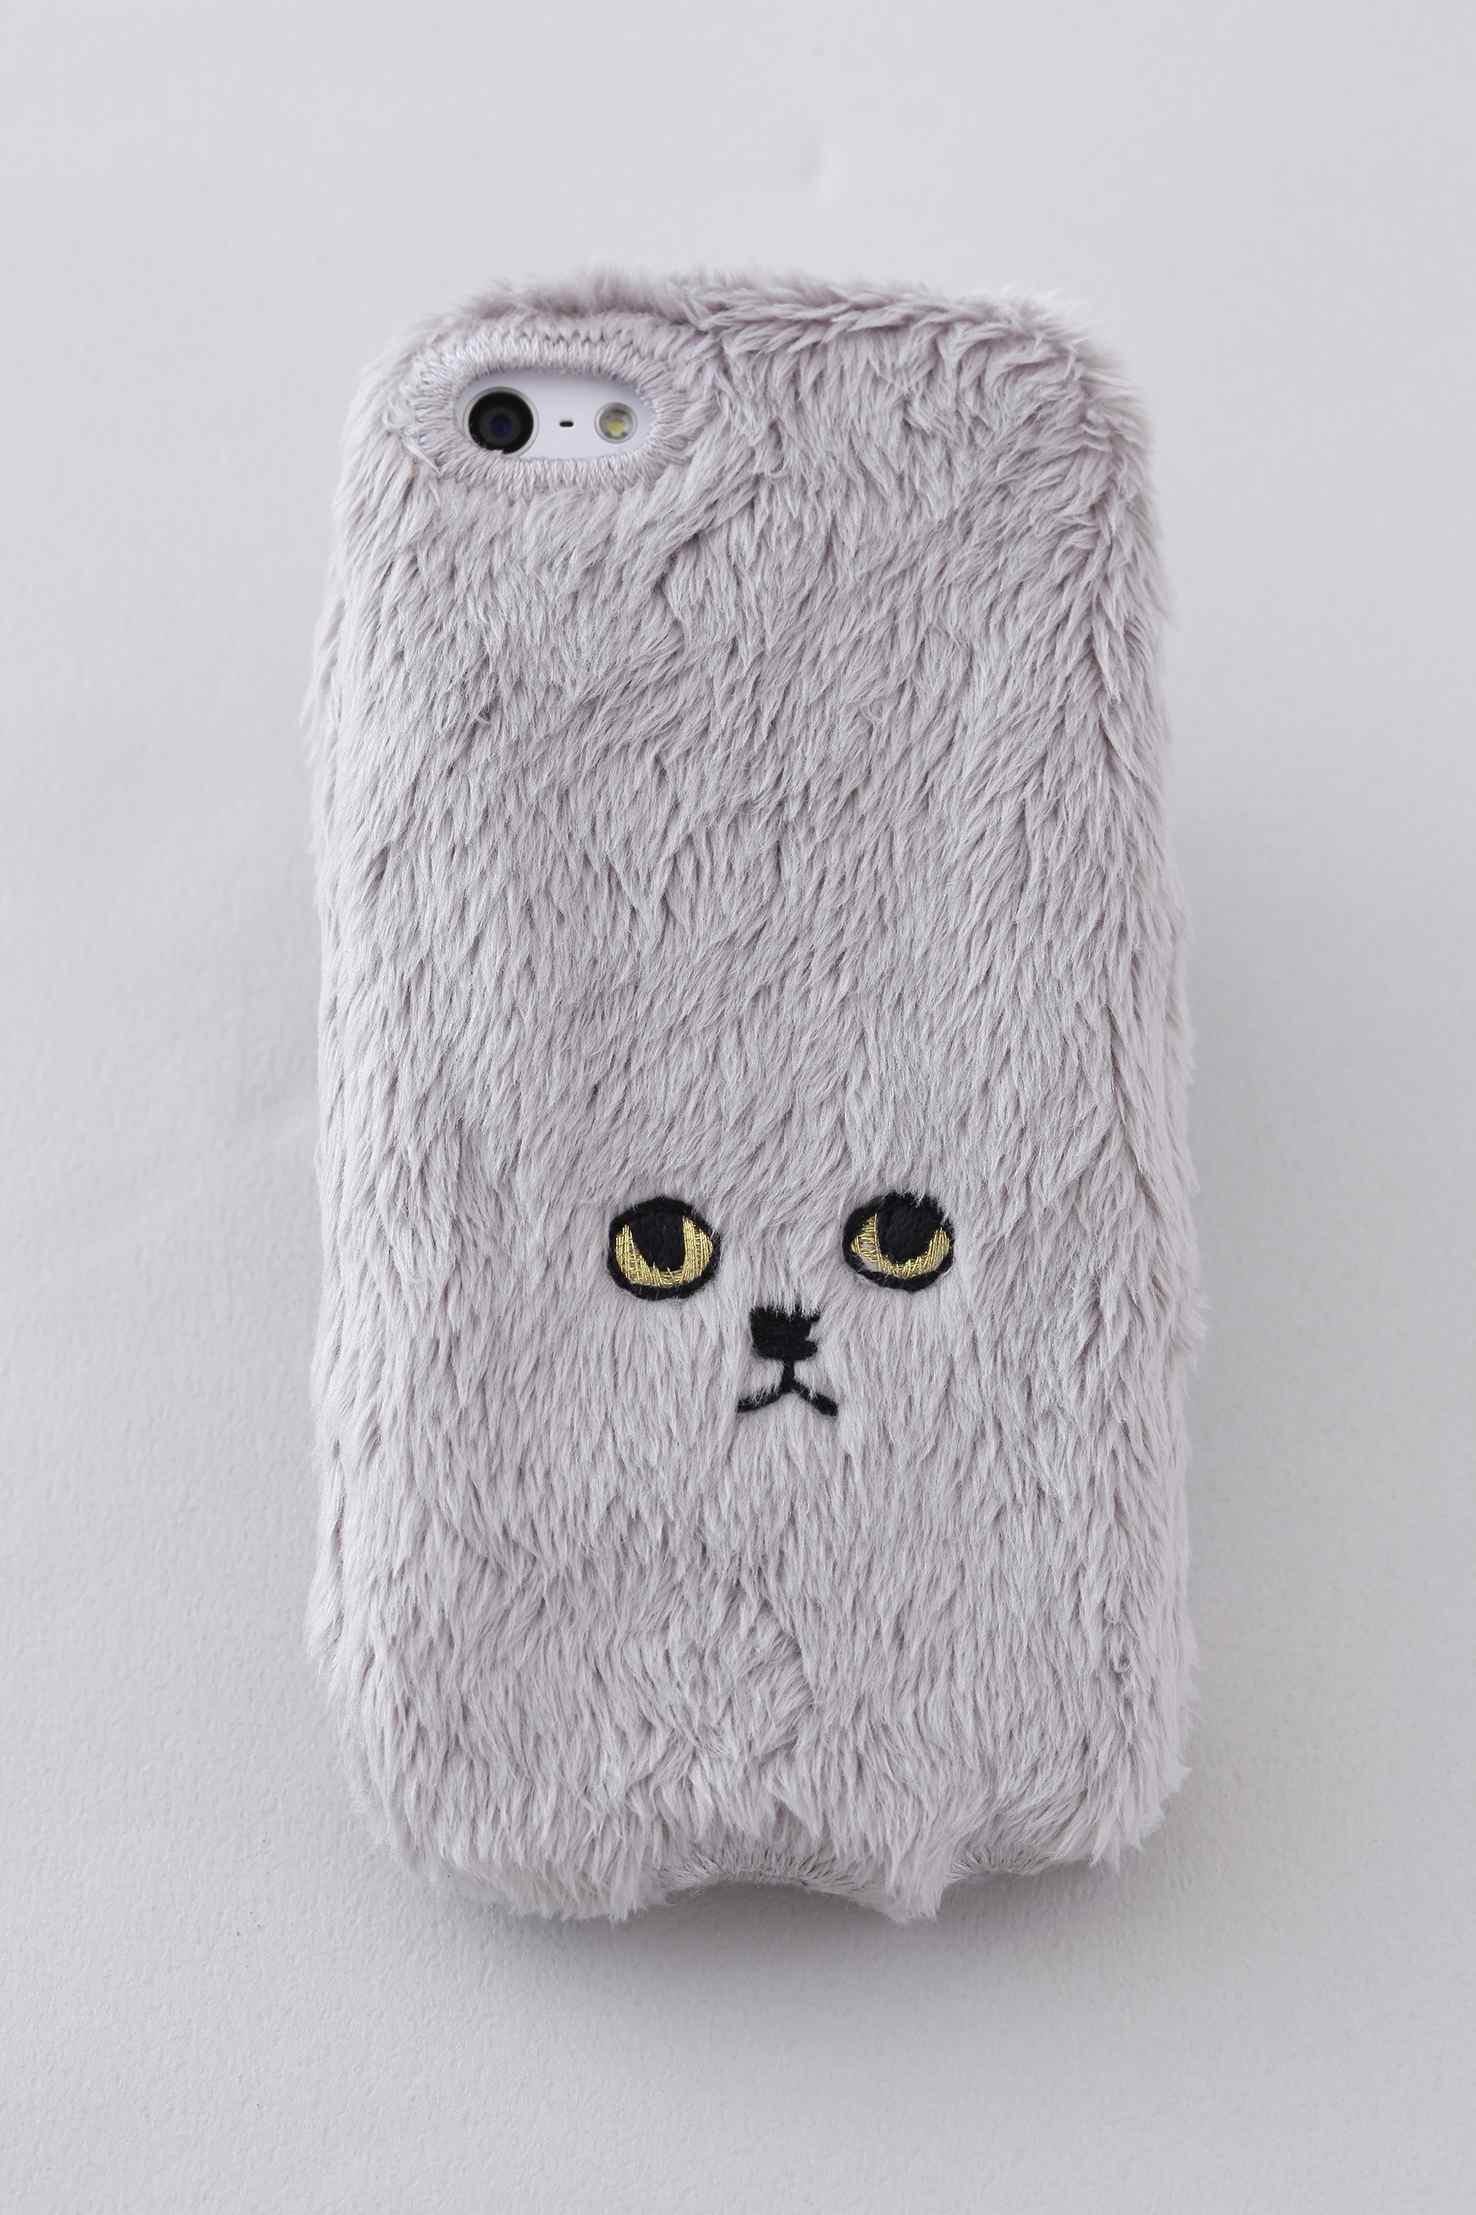 ネコiPhone5/5c/5sカバー 【 グレーゴールドアイ】